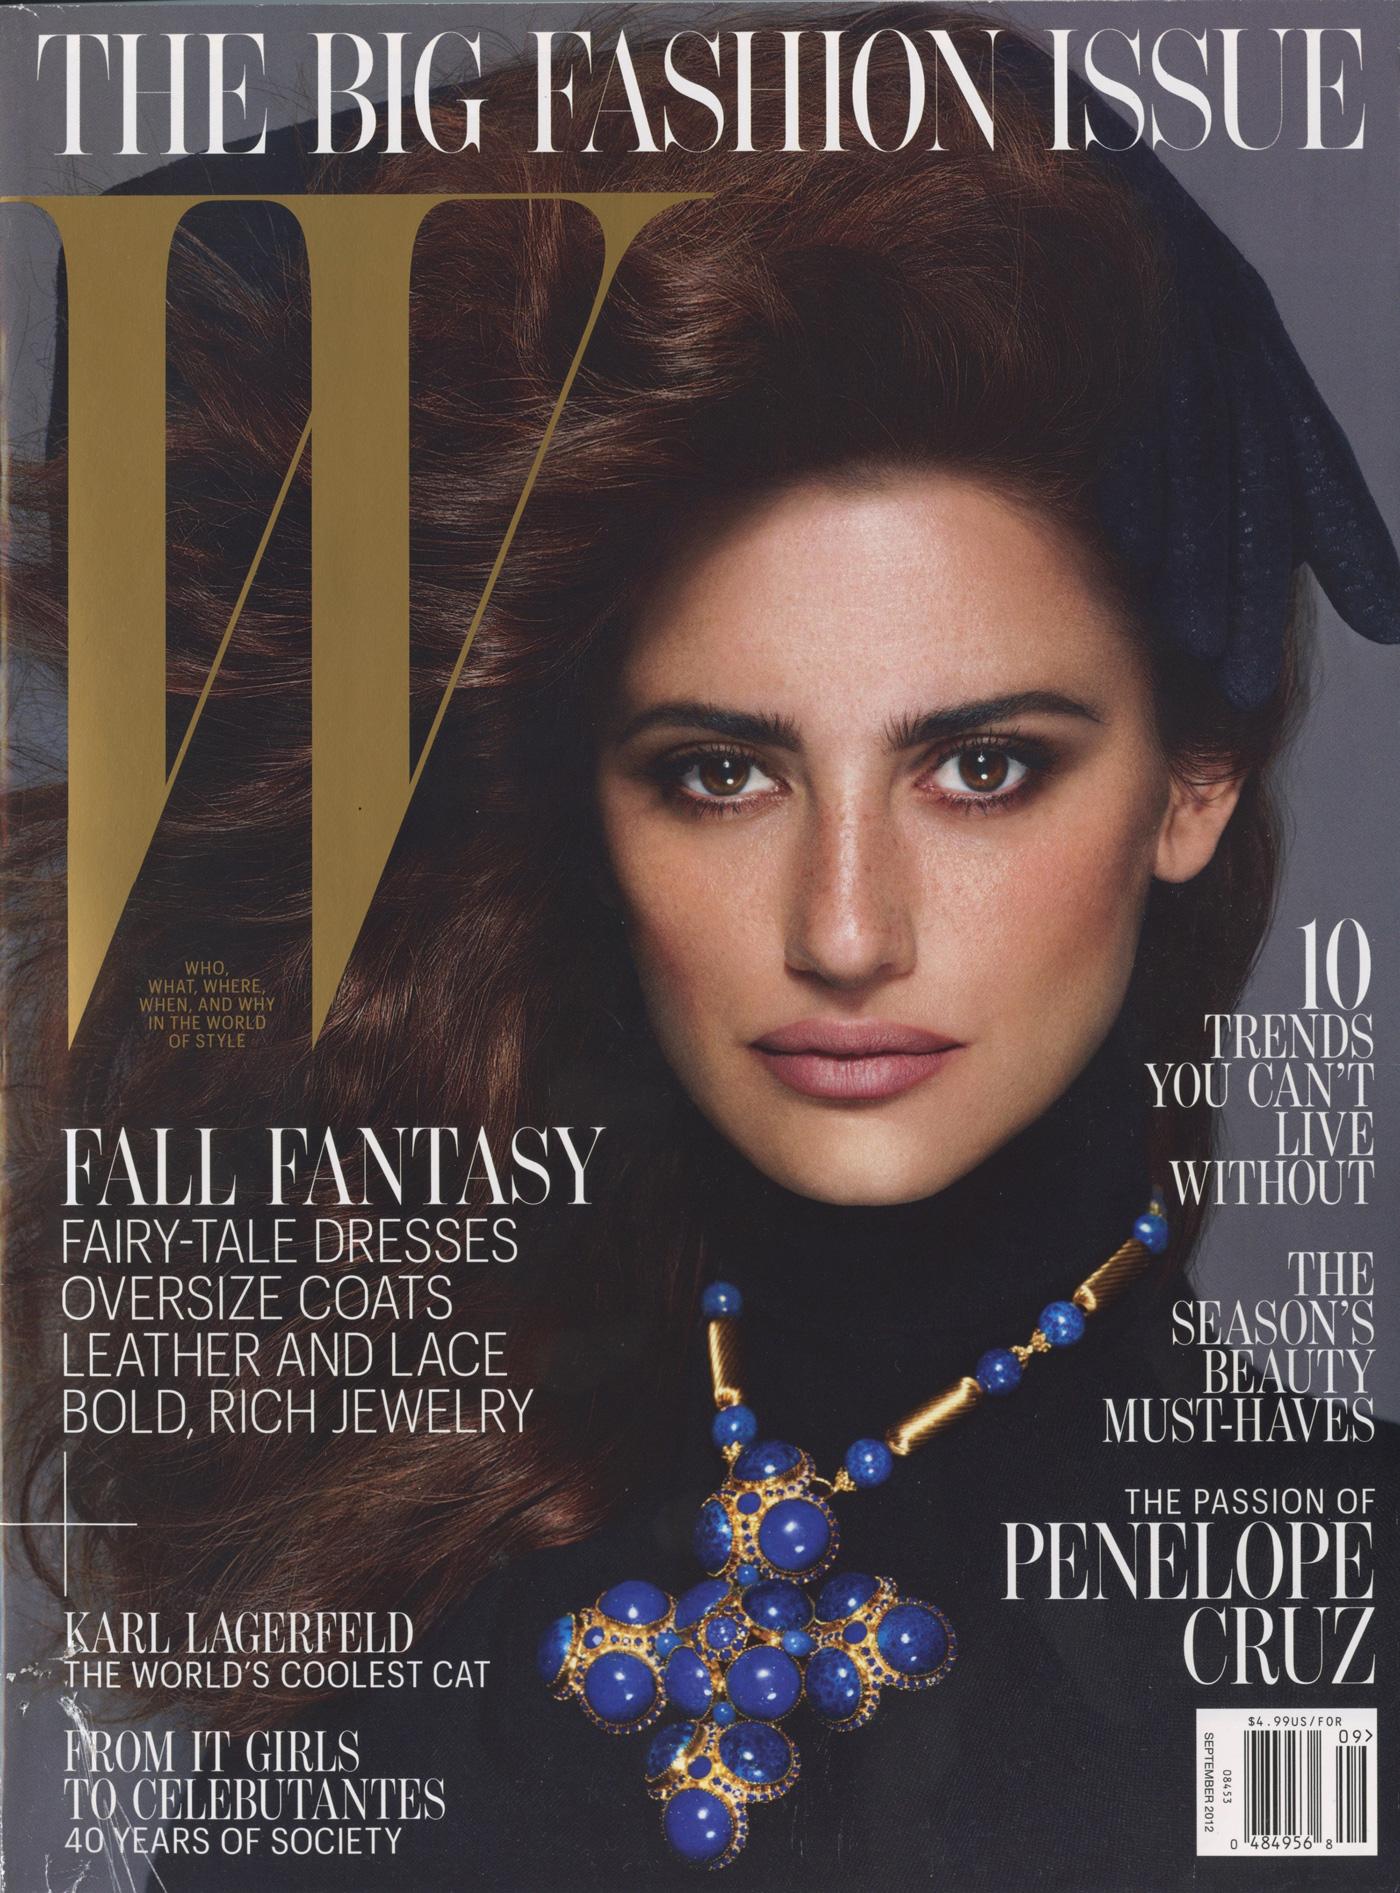 W Magazine, Sept. 2012 - cover